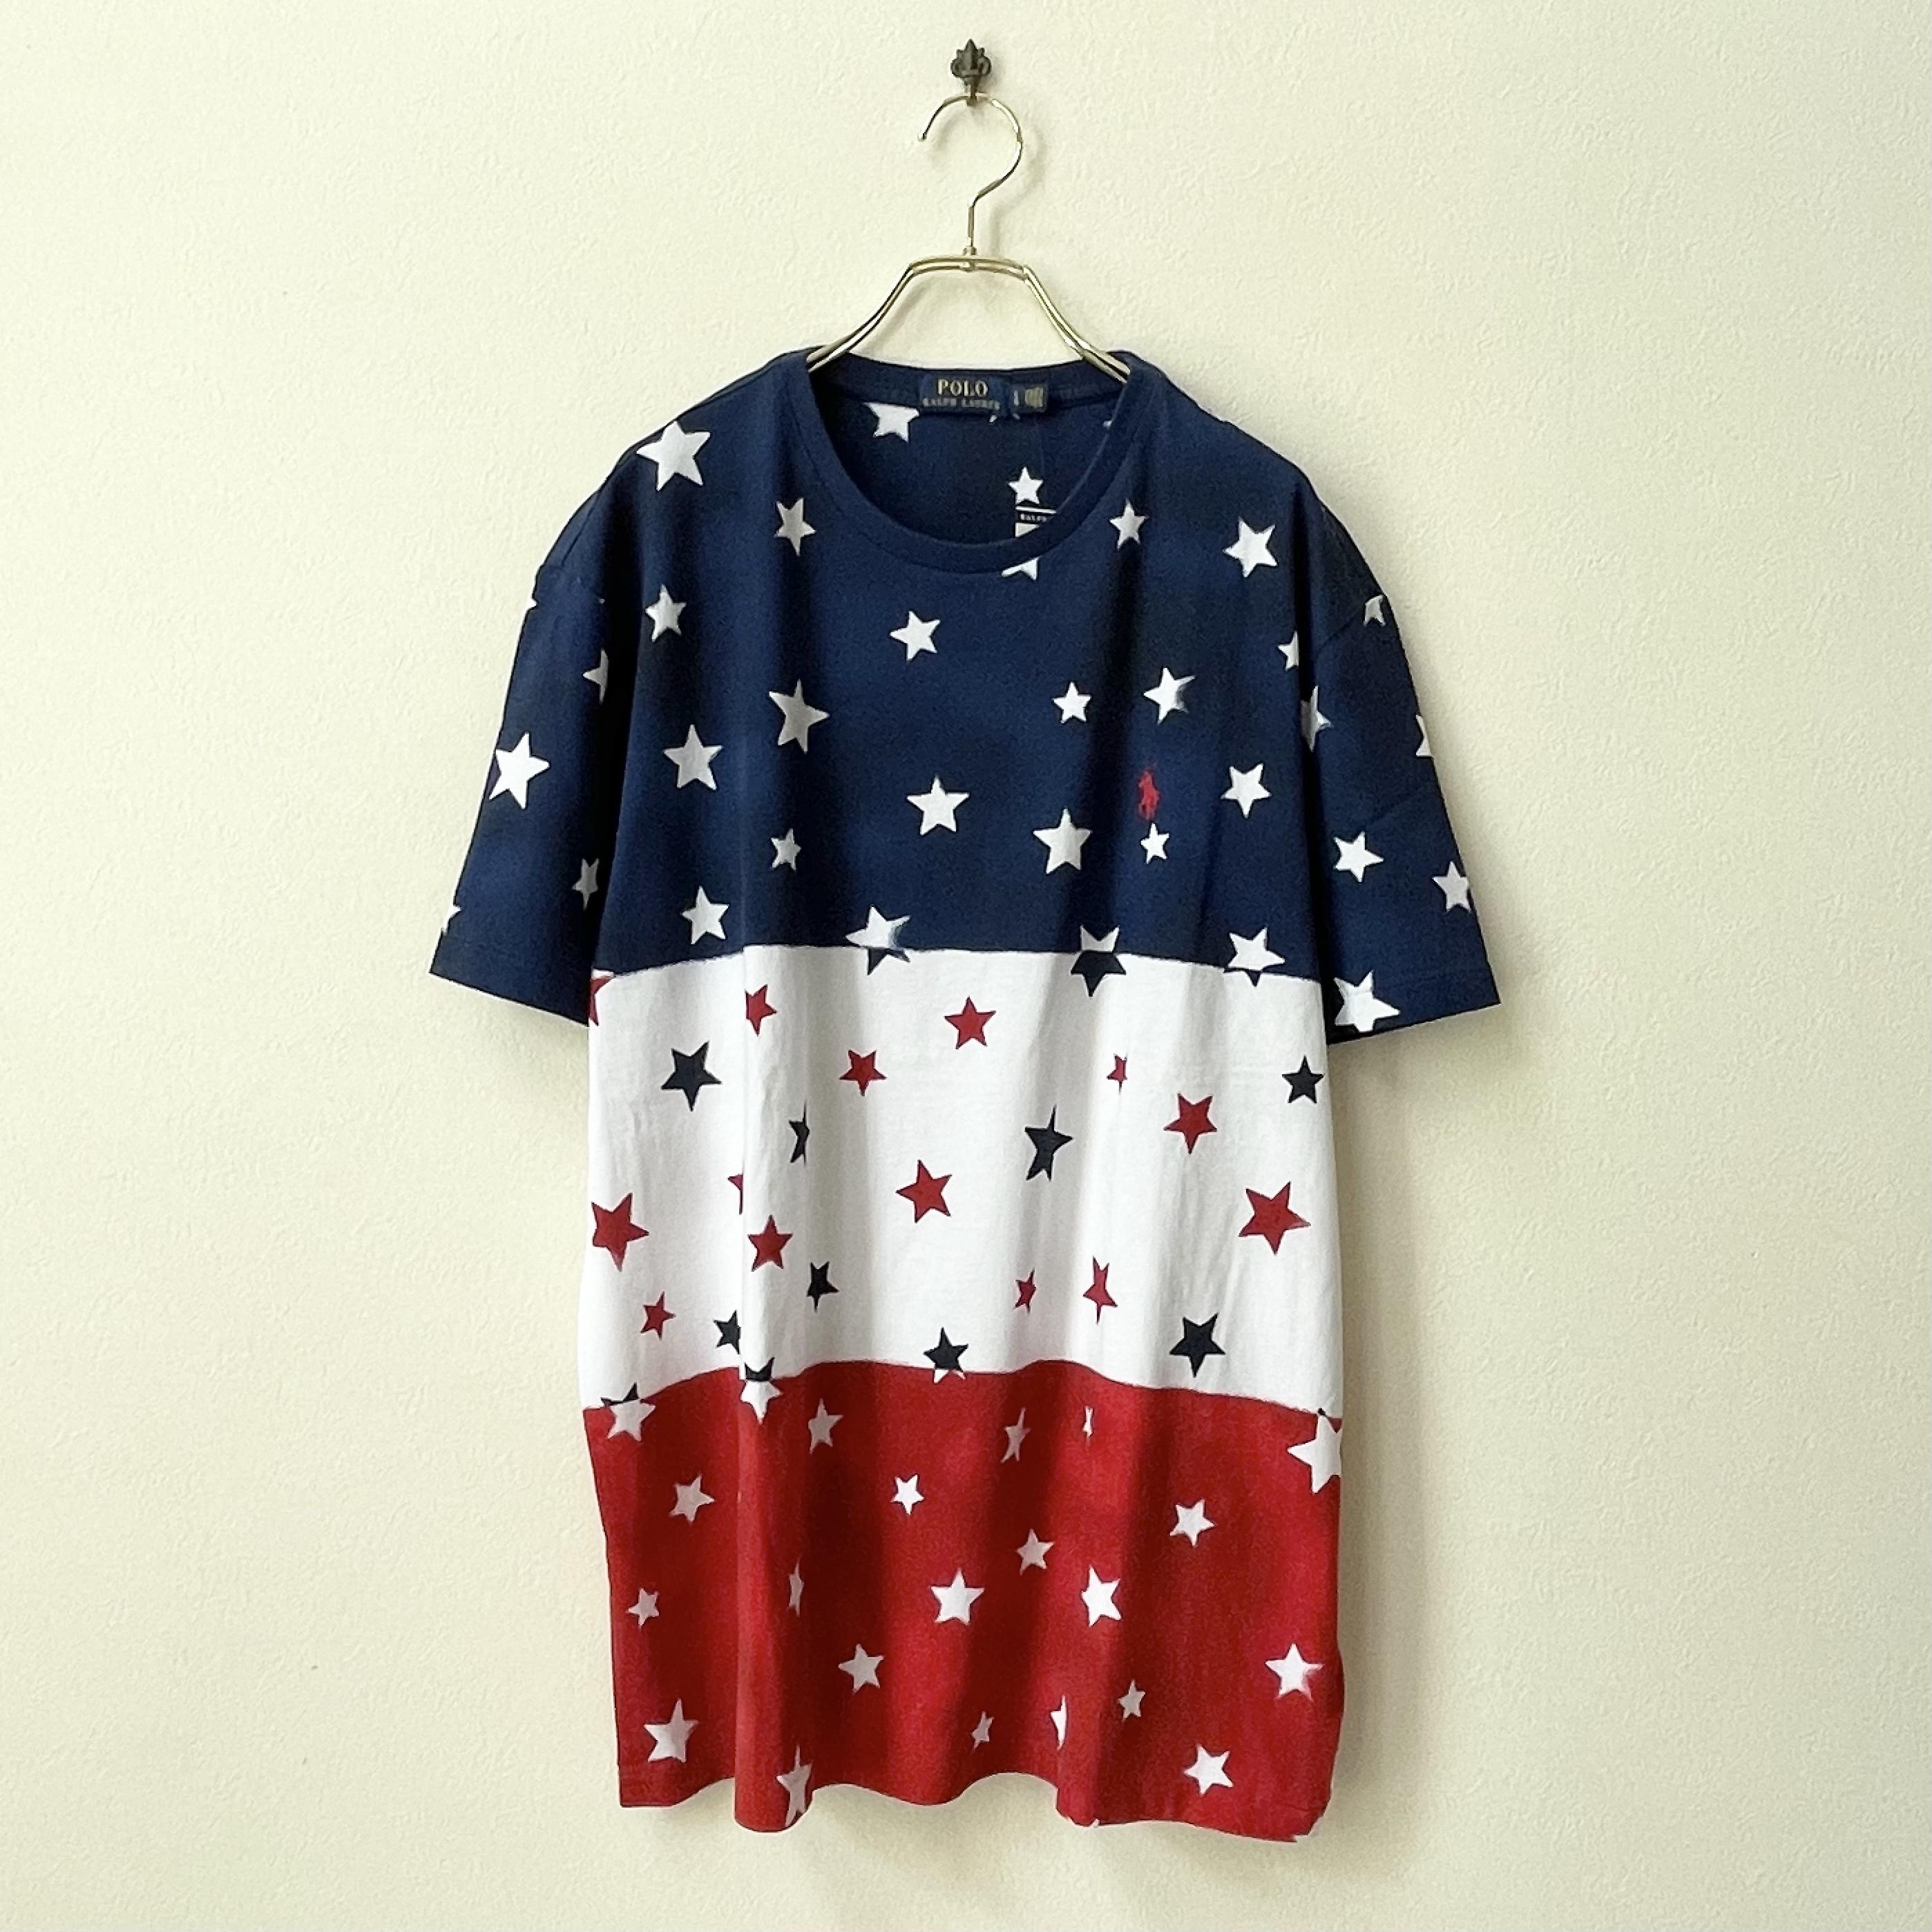 POLO RALPH LAUREN ポロラルフローレン 星条旗柄 トリコロールカラー プリントTシャツ 新品セレクト US規格